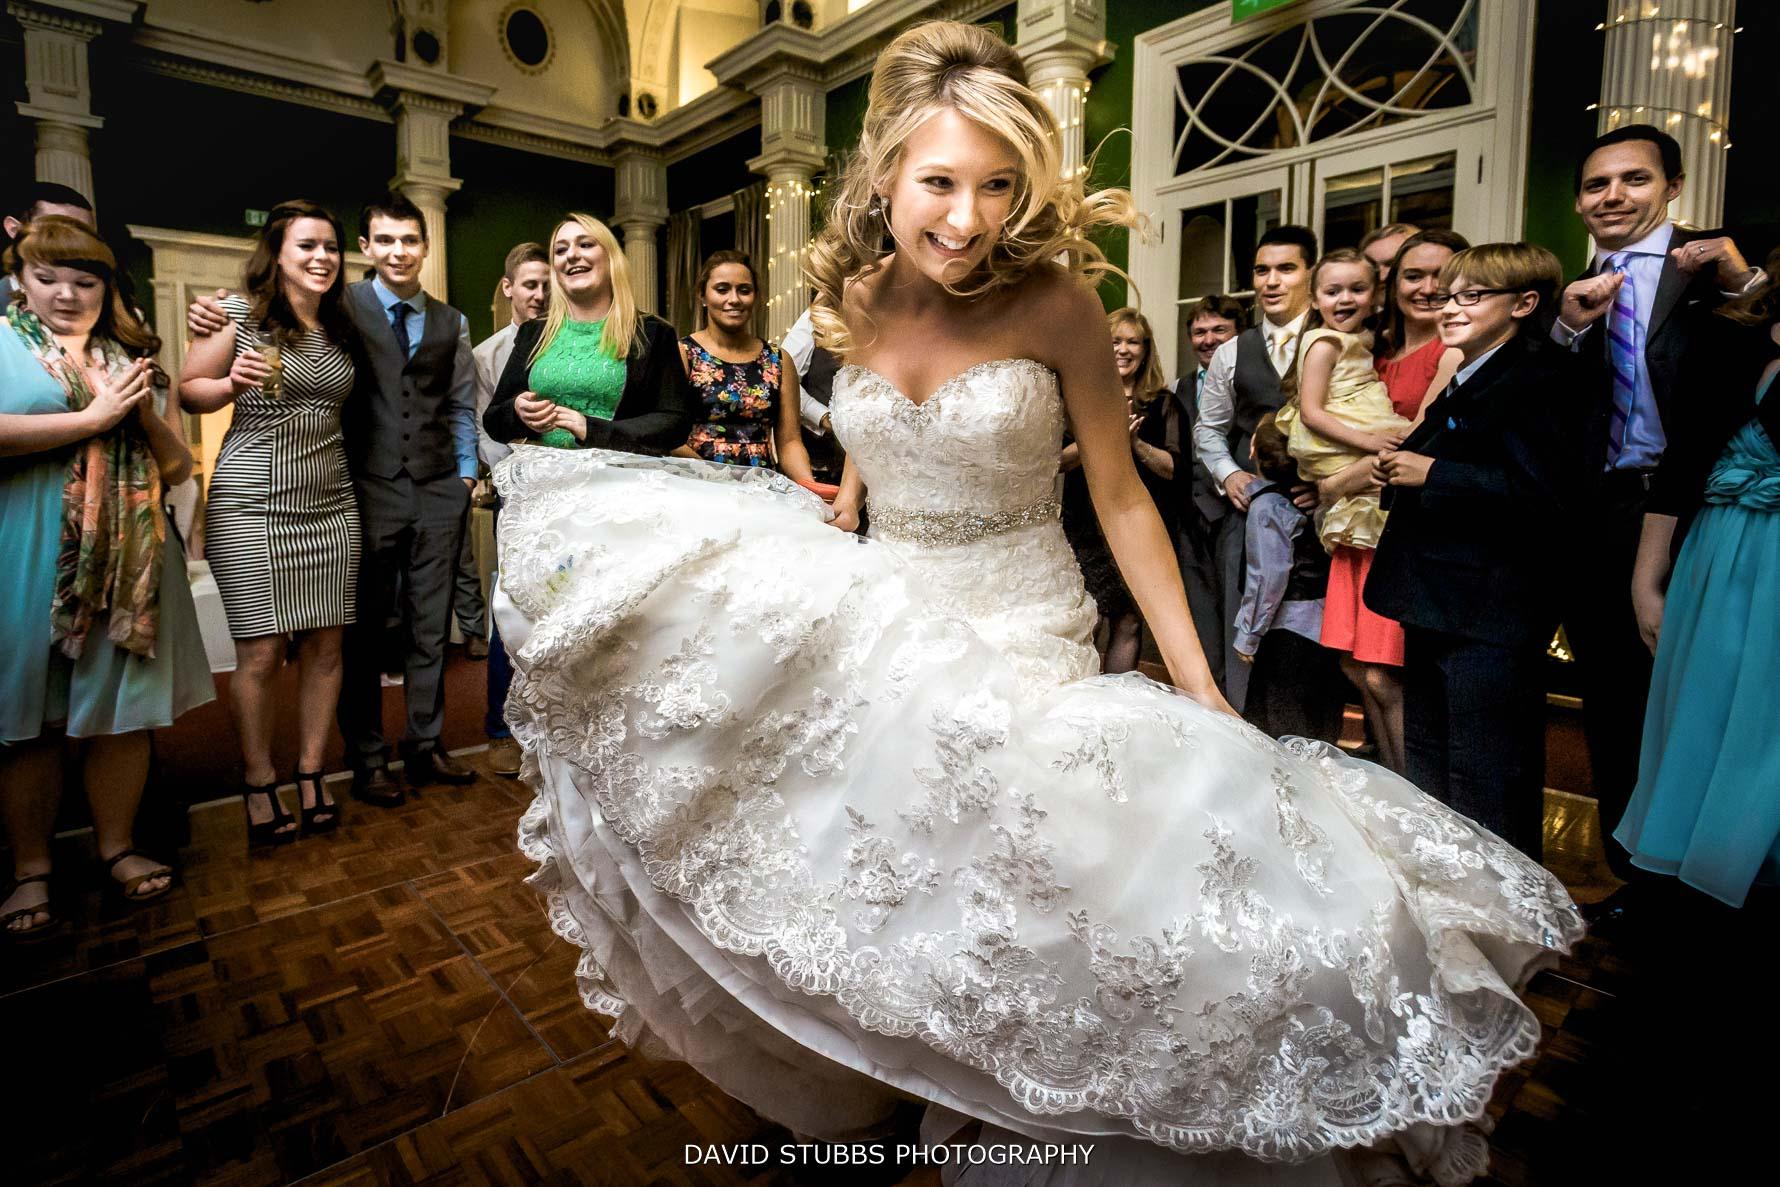 bride int he dancefloor